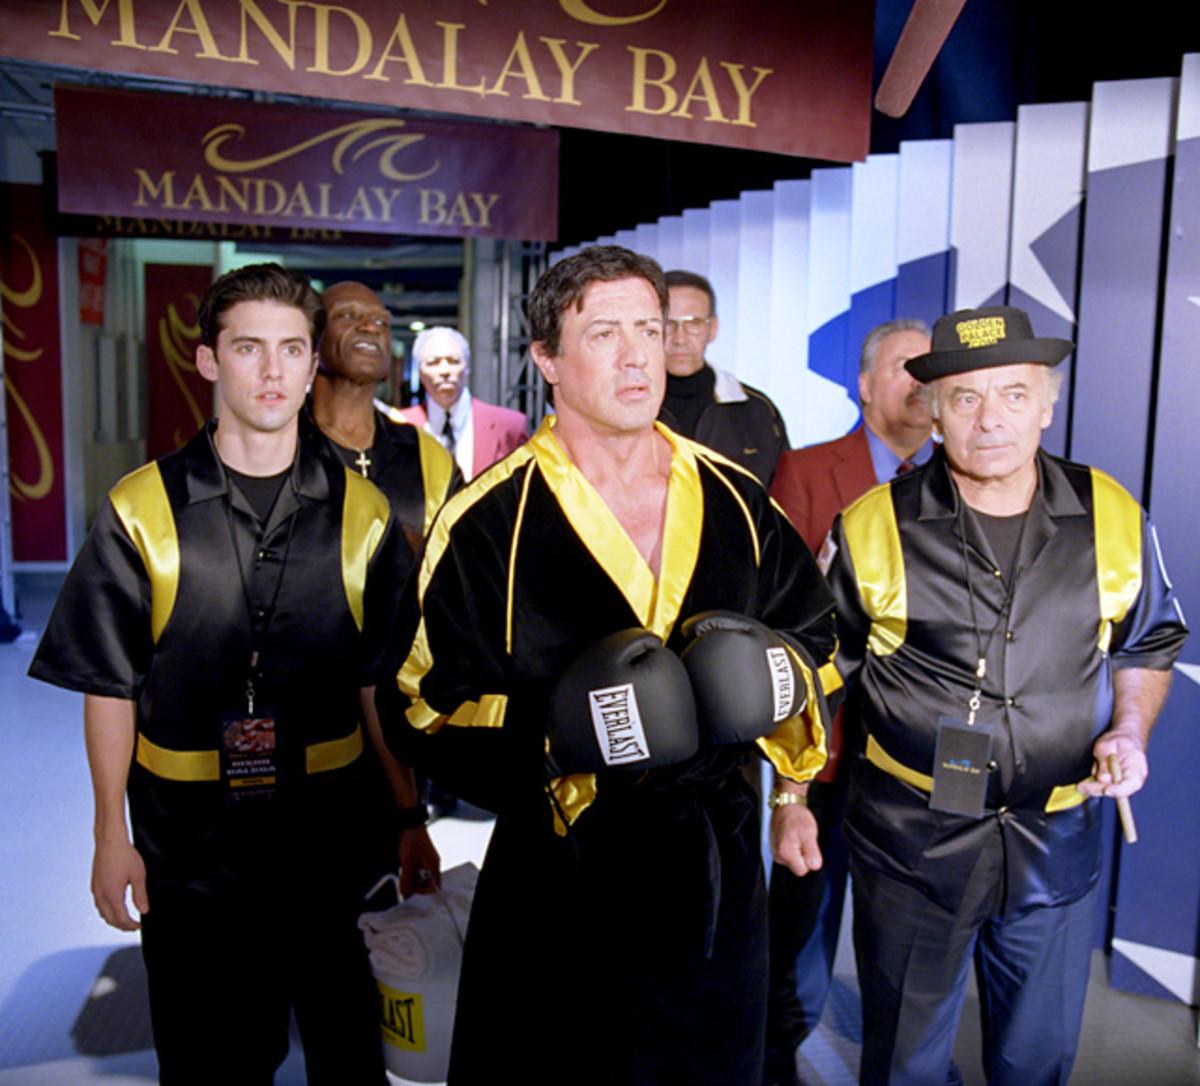 Robert Balboa, Rocky Balboa and Paulie Pennino